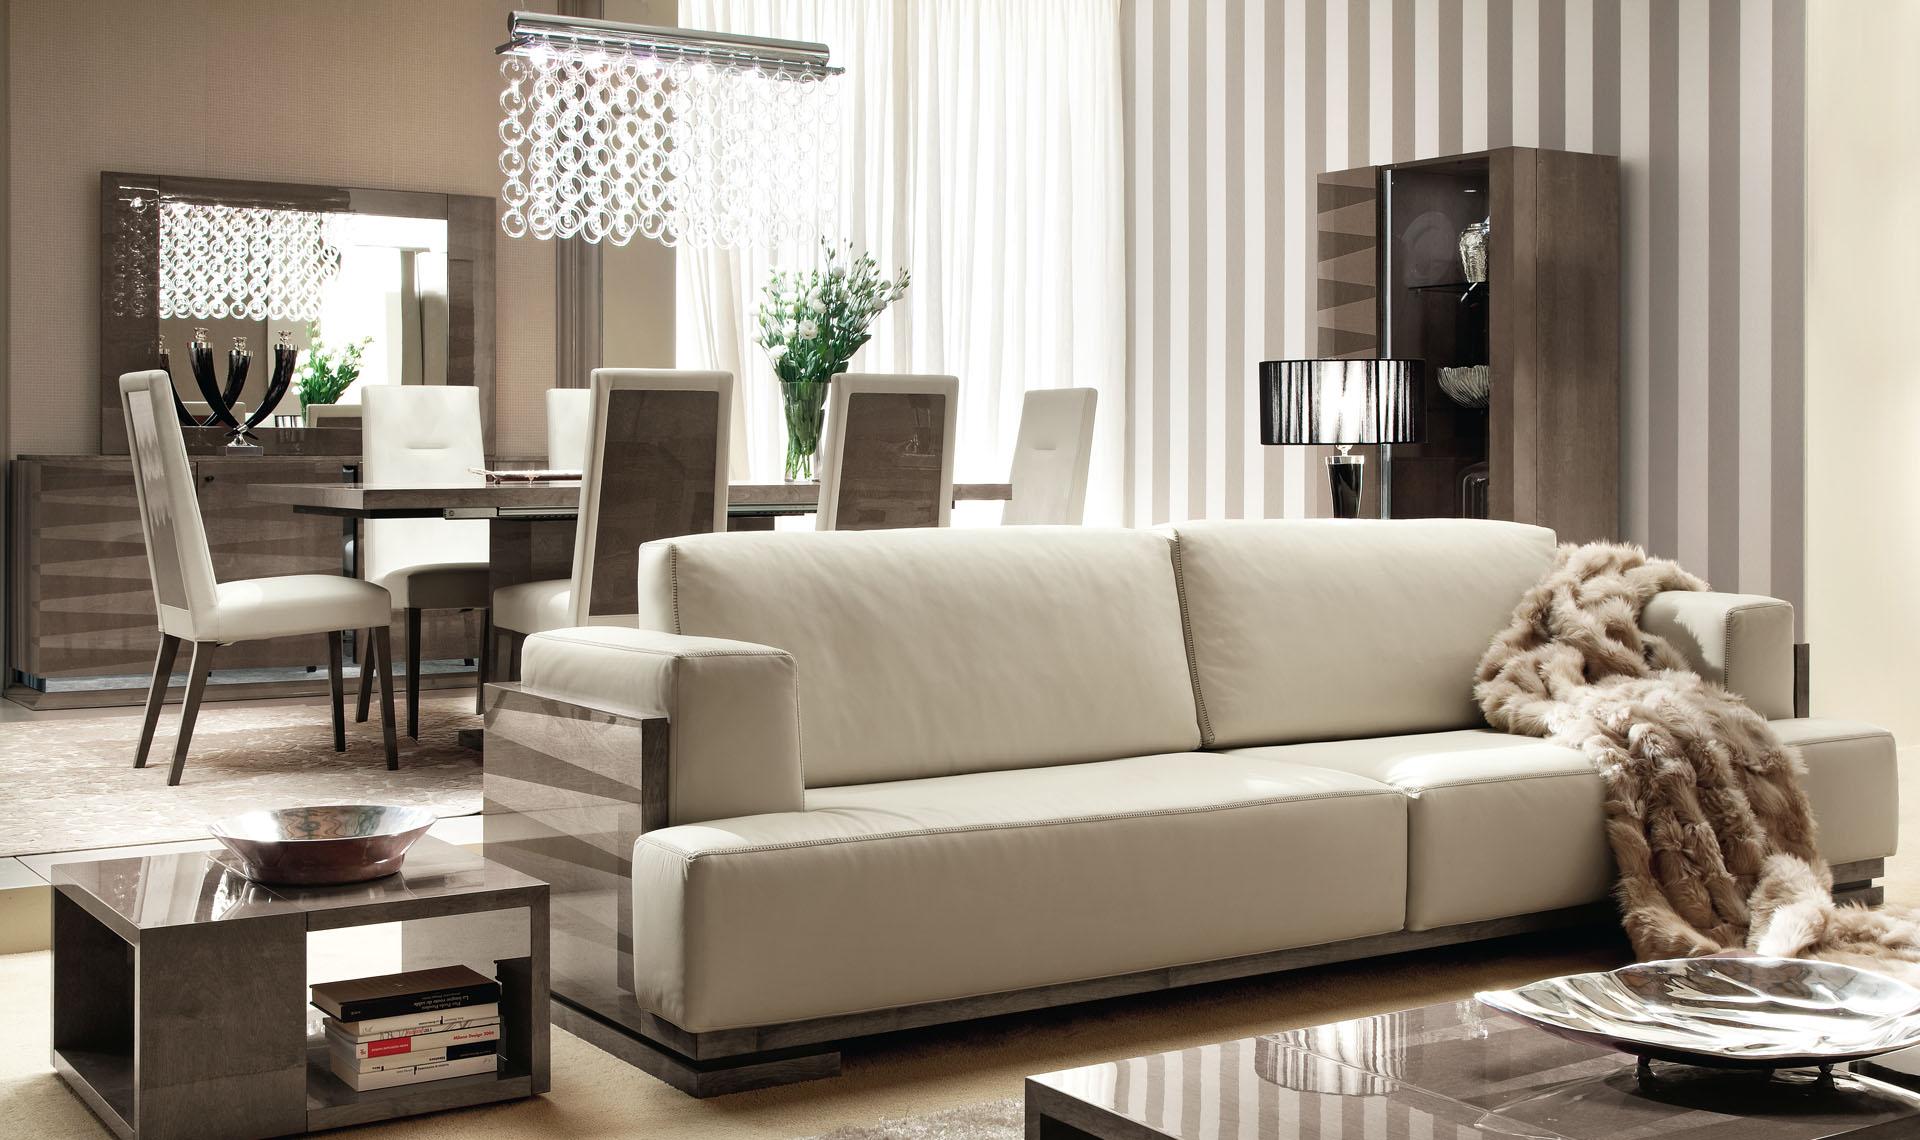 Monaco Living Room Overview 1